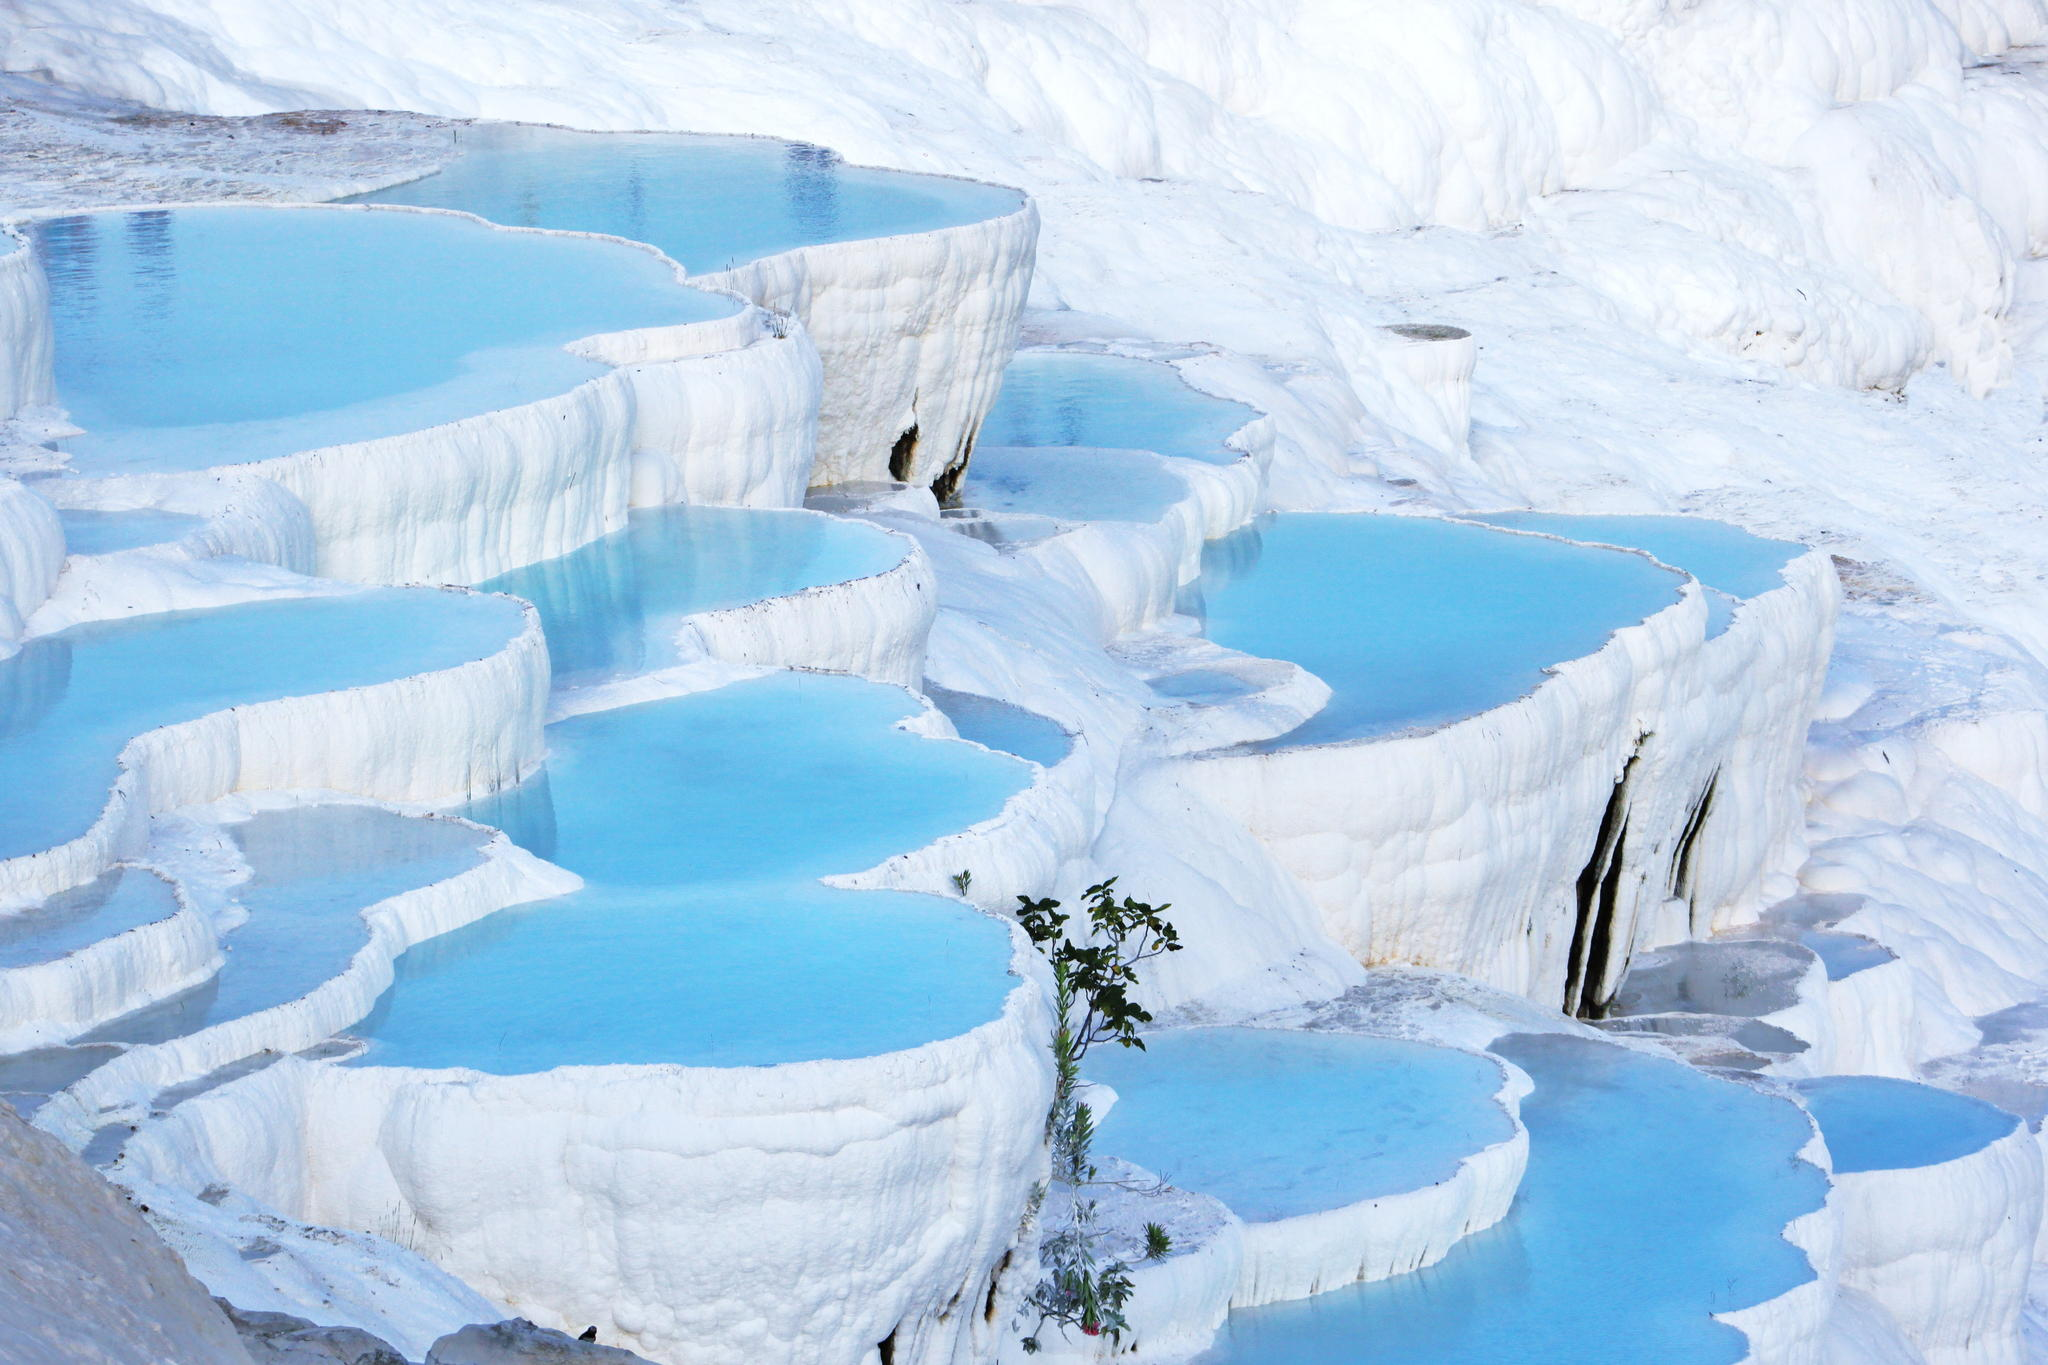 Paesaggi D Acqua Piscine pamukkale turchia paesaggio fiabesco straordinario naturale